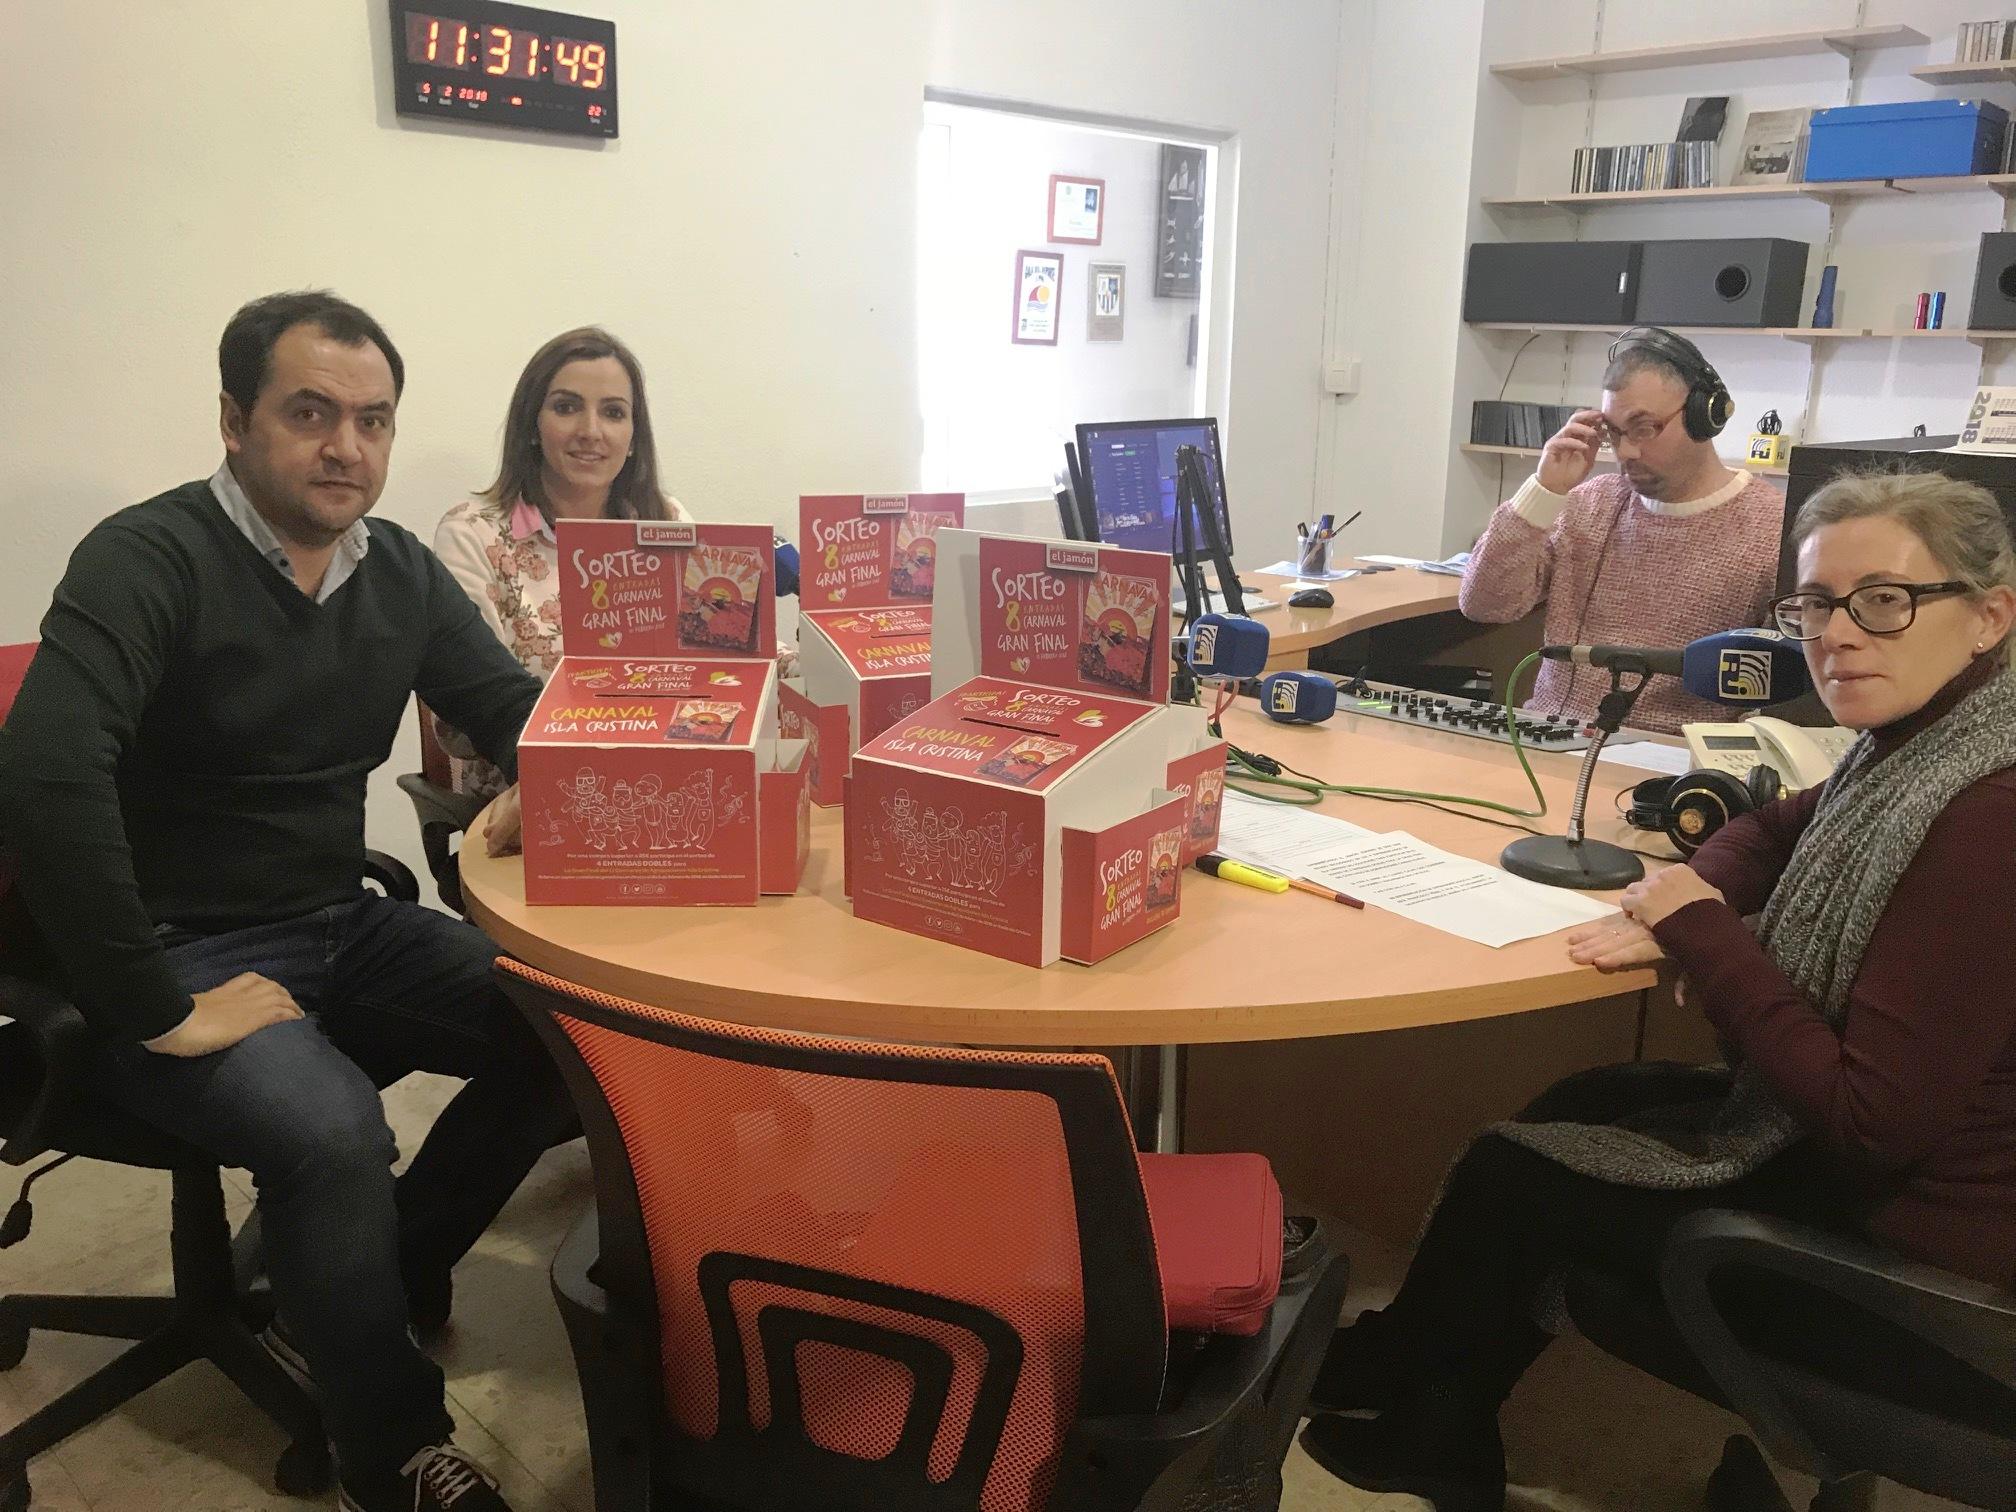 Supermercados El Jamón y ayuntamiento sortean entradas para la final del Concurso de Agrupaciones de Isla Cristina